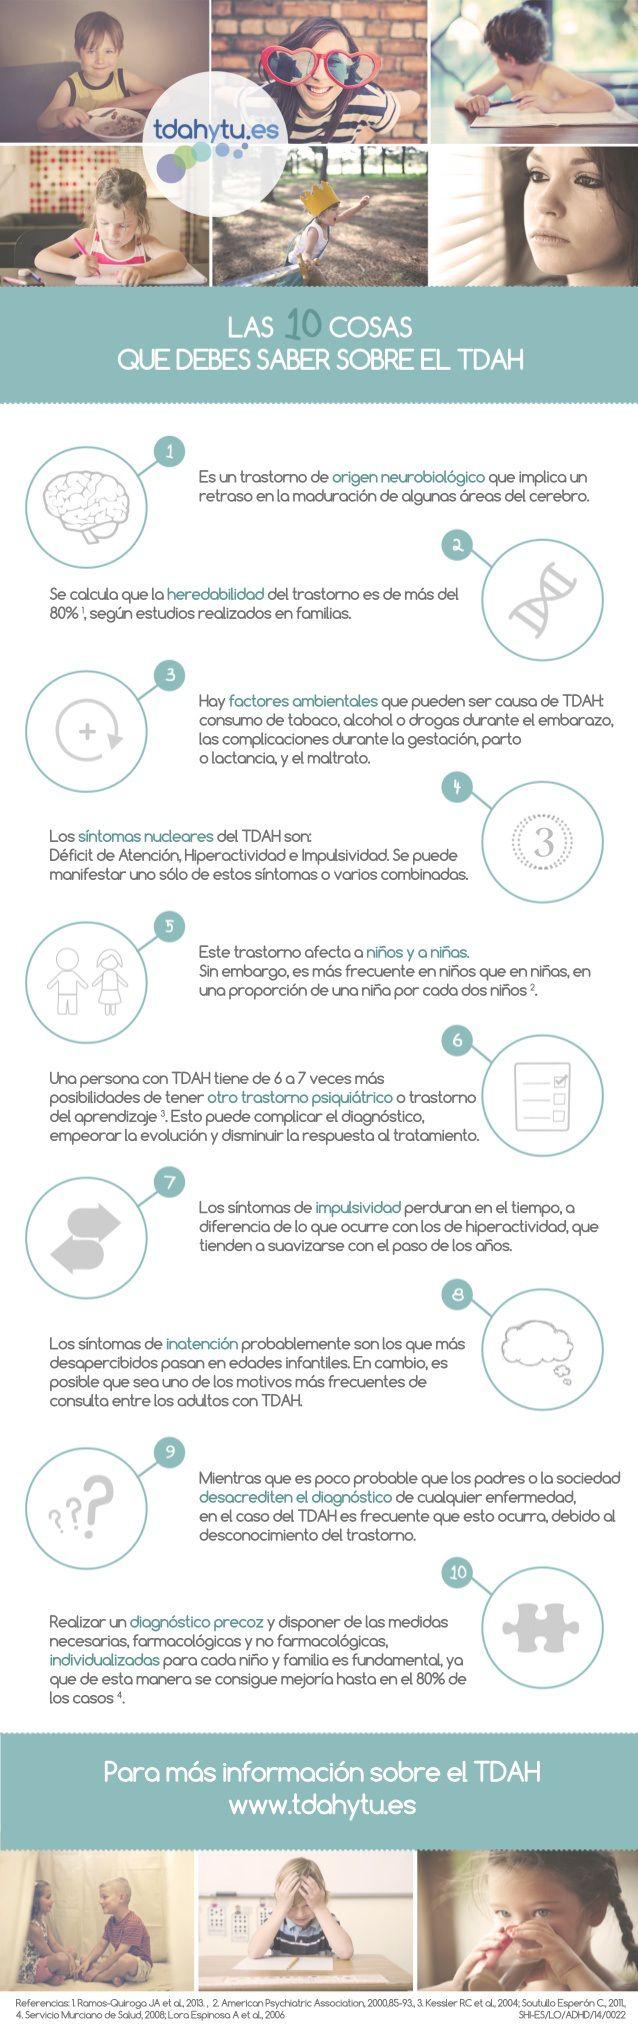 10 cosas sobre el trastorno de atención (TDAH) #infografia